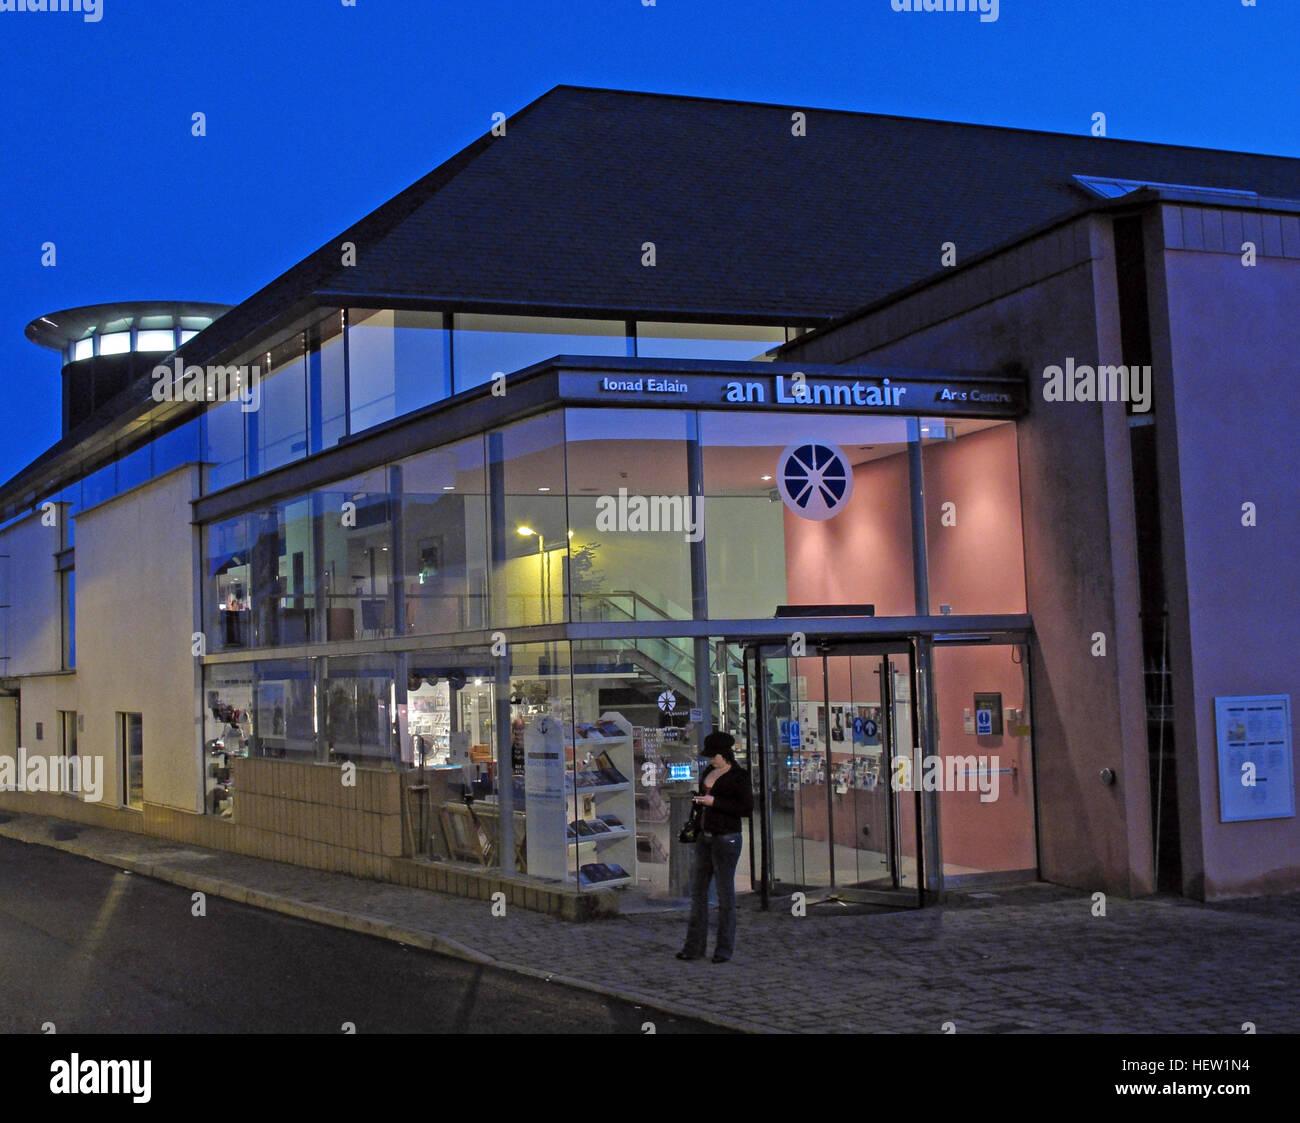 Laden Sie dieses Alamy Stockfoto Stornoway Isle Of Lewis, ein Lanntair Arts Centre, Schottland, UK - HEW1N4